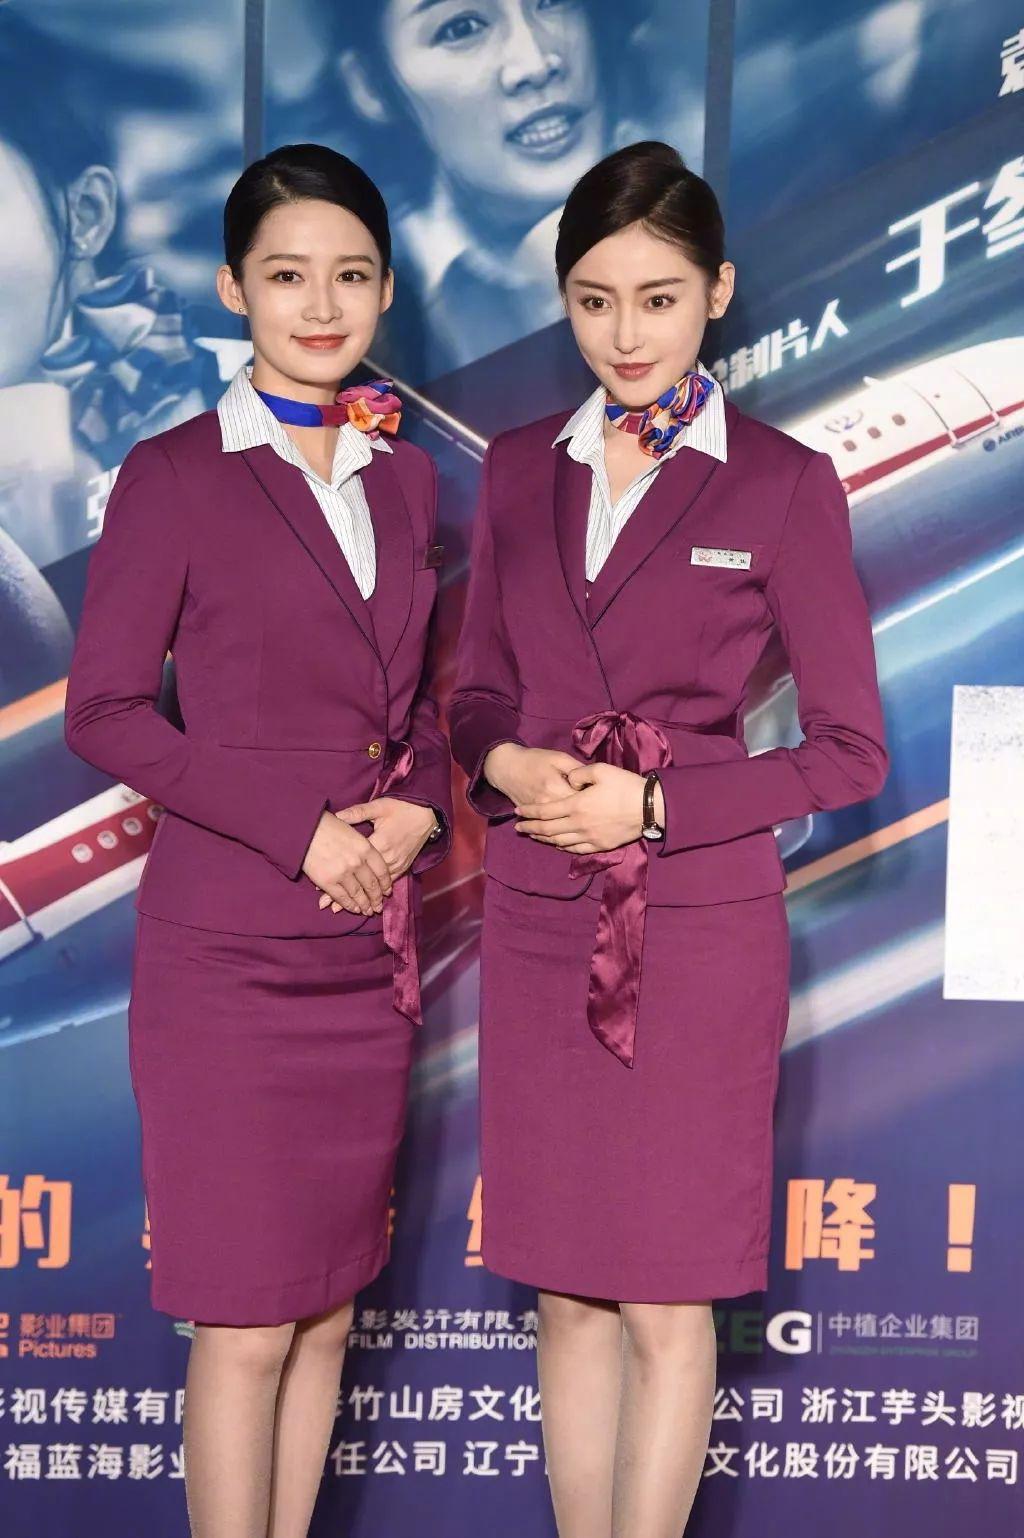 《中国机长》首映礼,李沁、张天爱(摄影:王远宏)